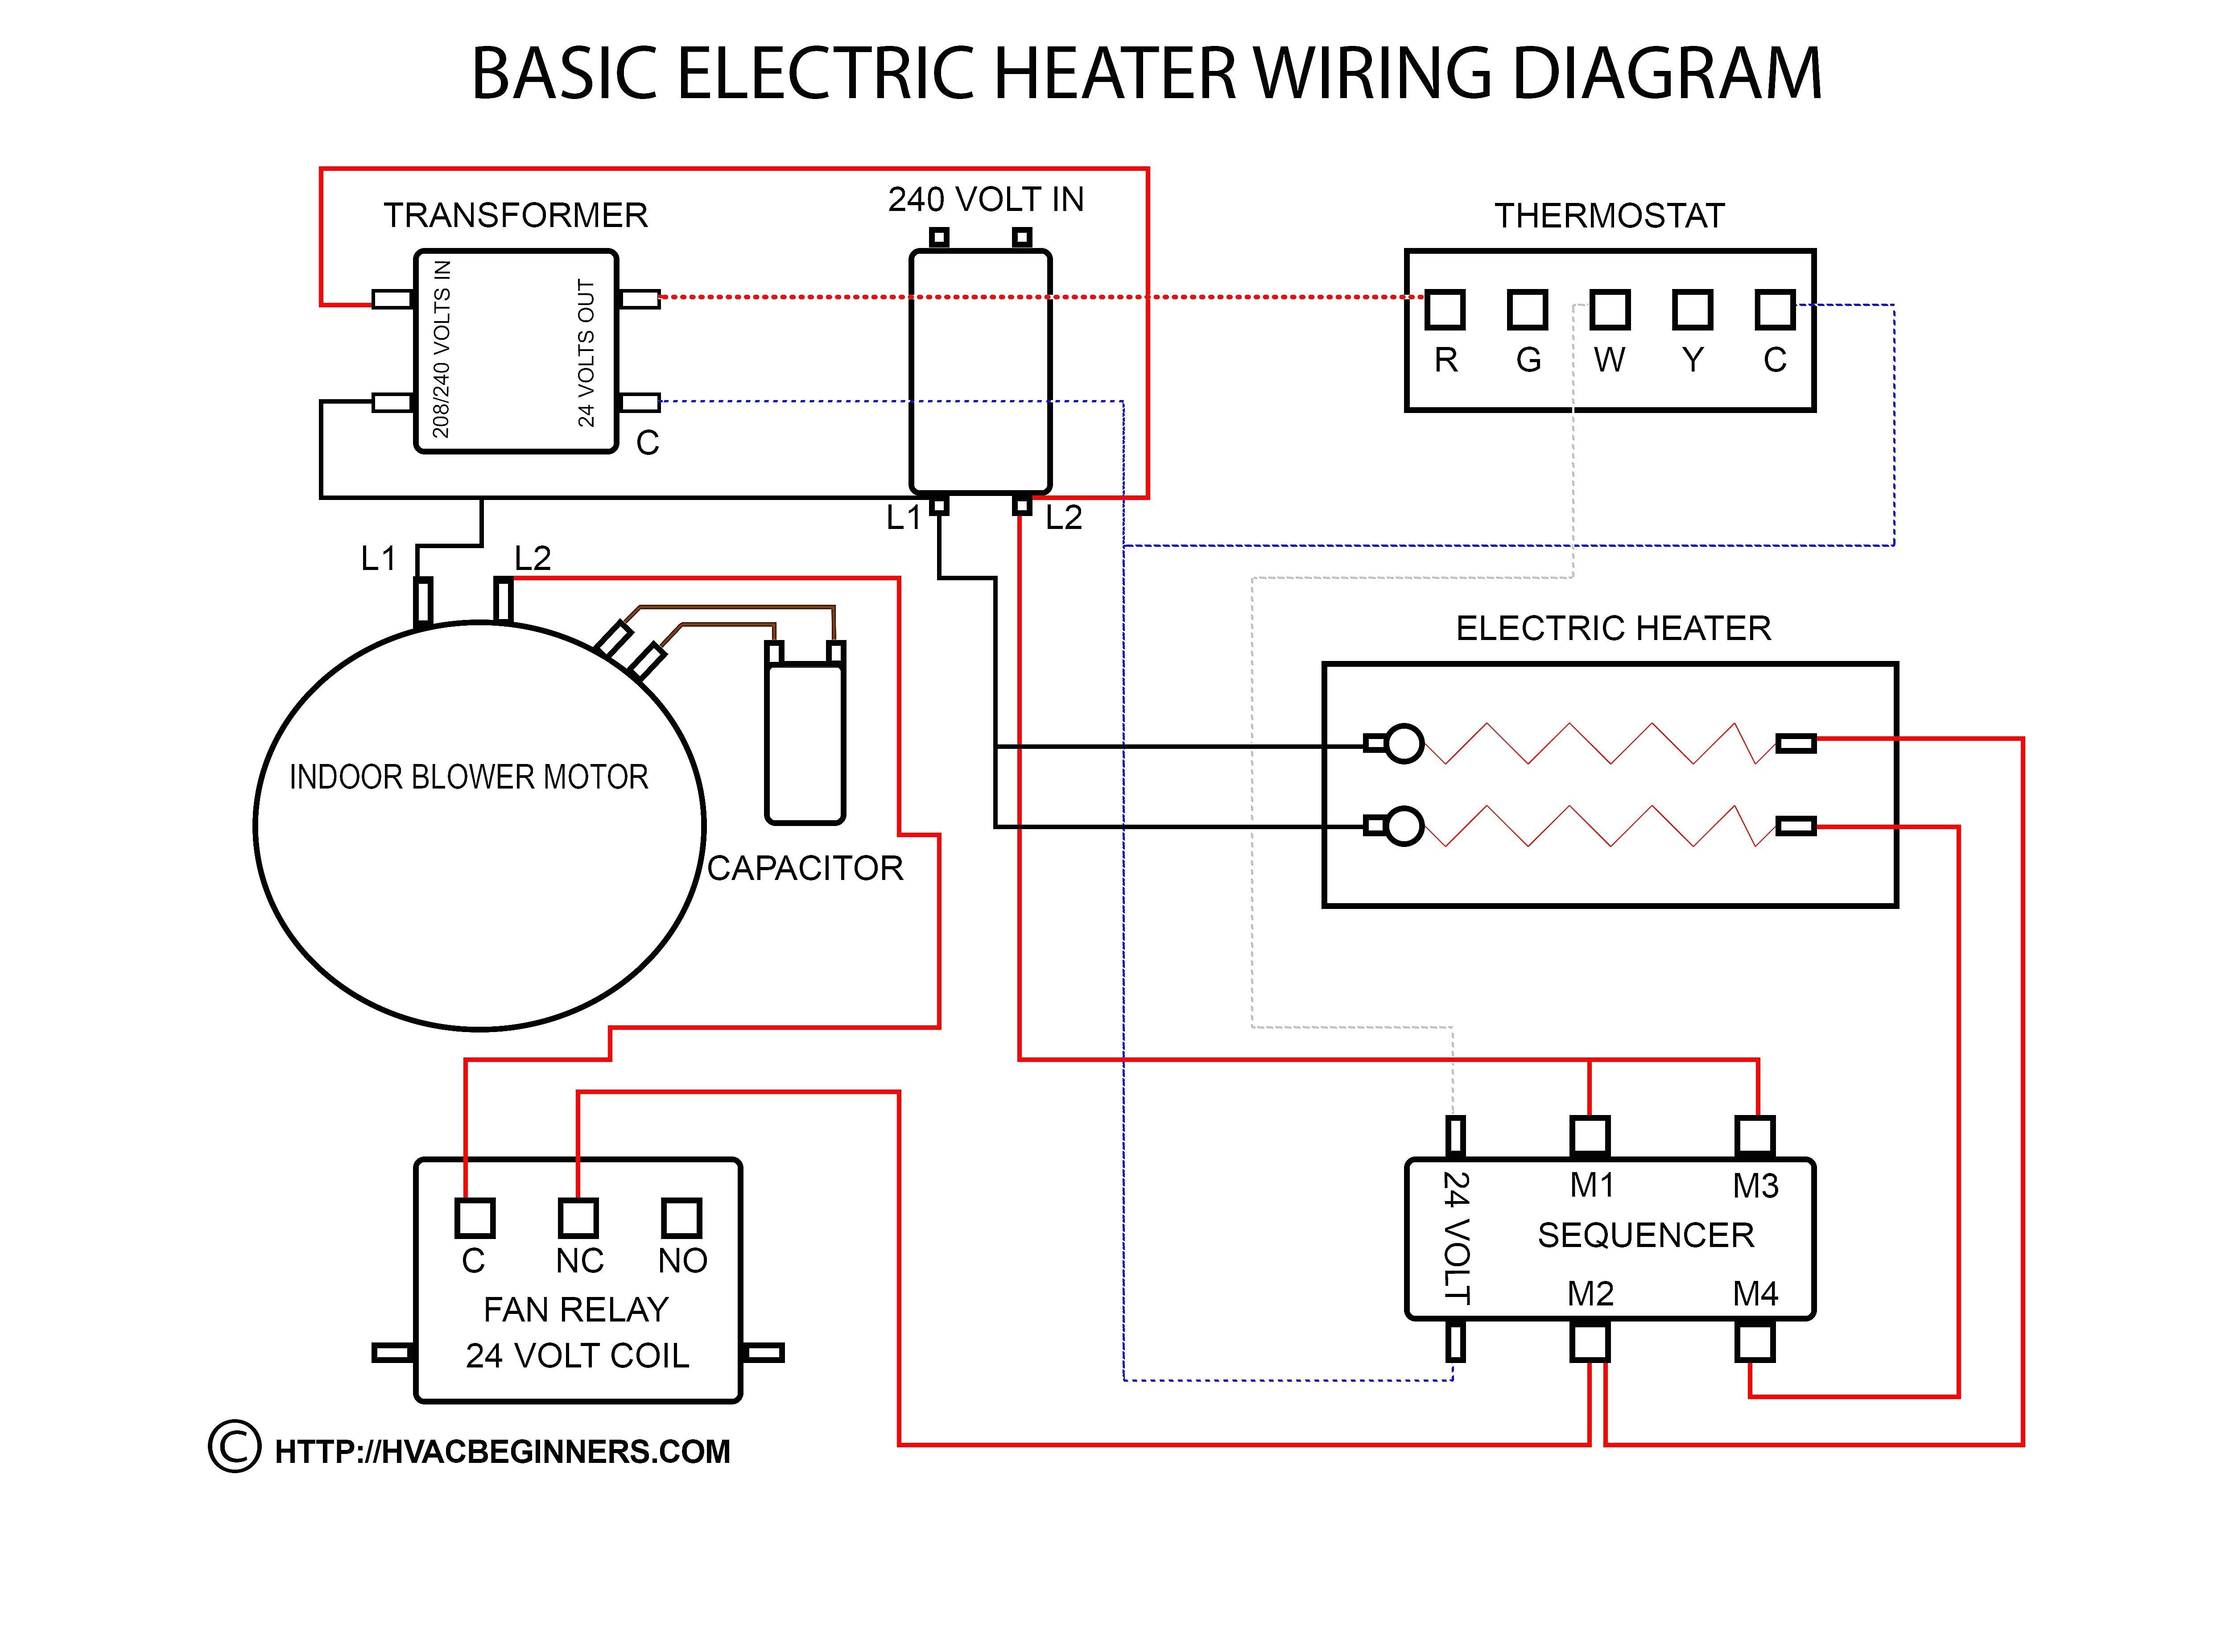 wiring york diagrams furnace n2ahd2oao6c wiring diagram fascinating york coleman furnace wiring diagram